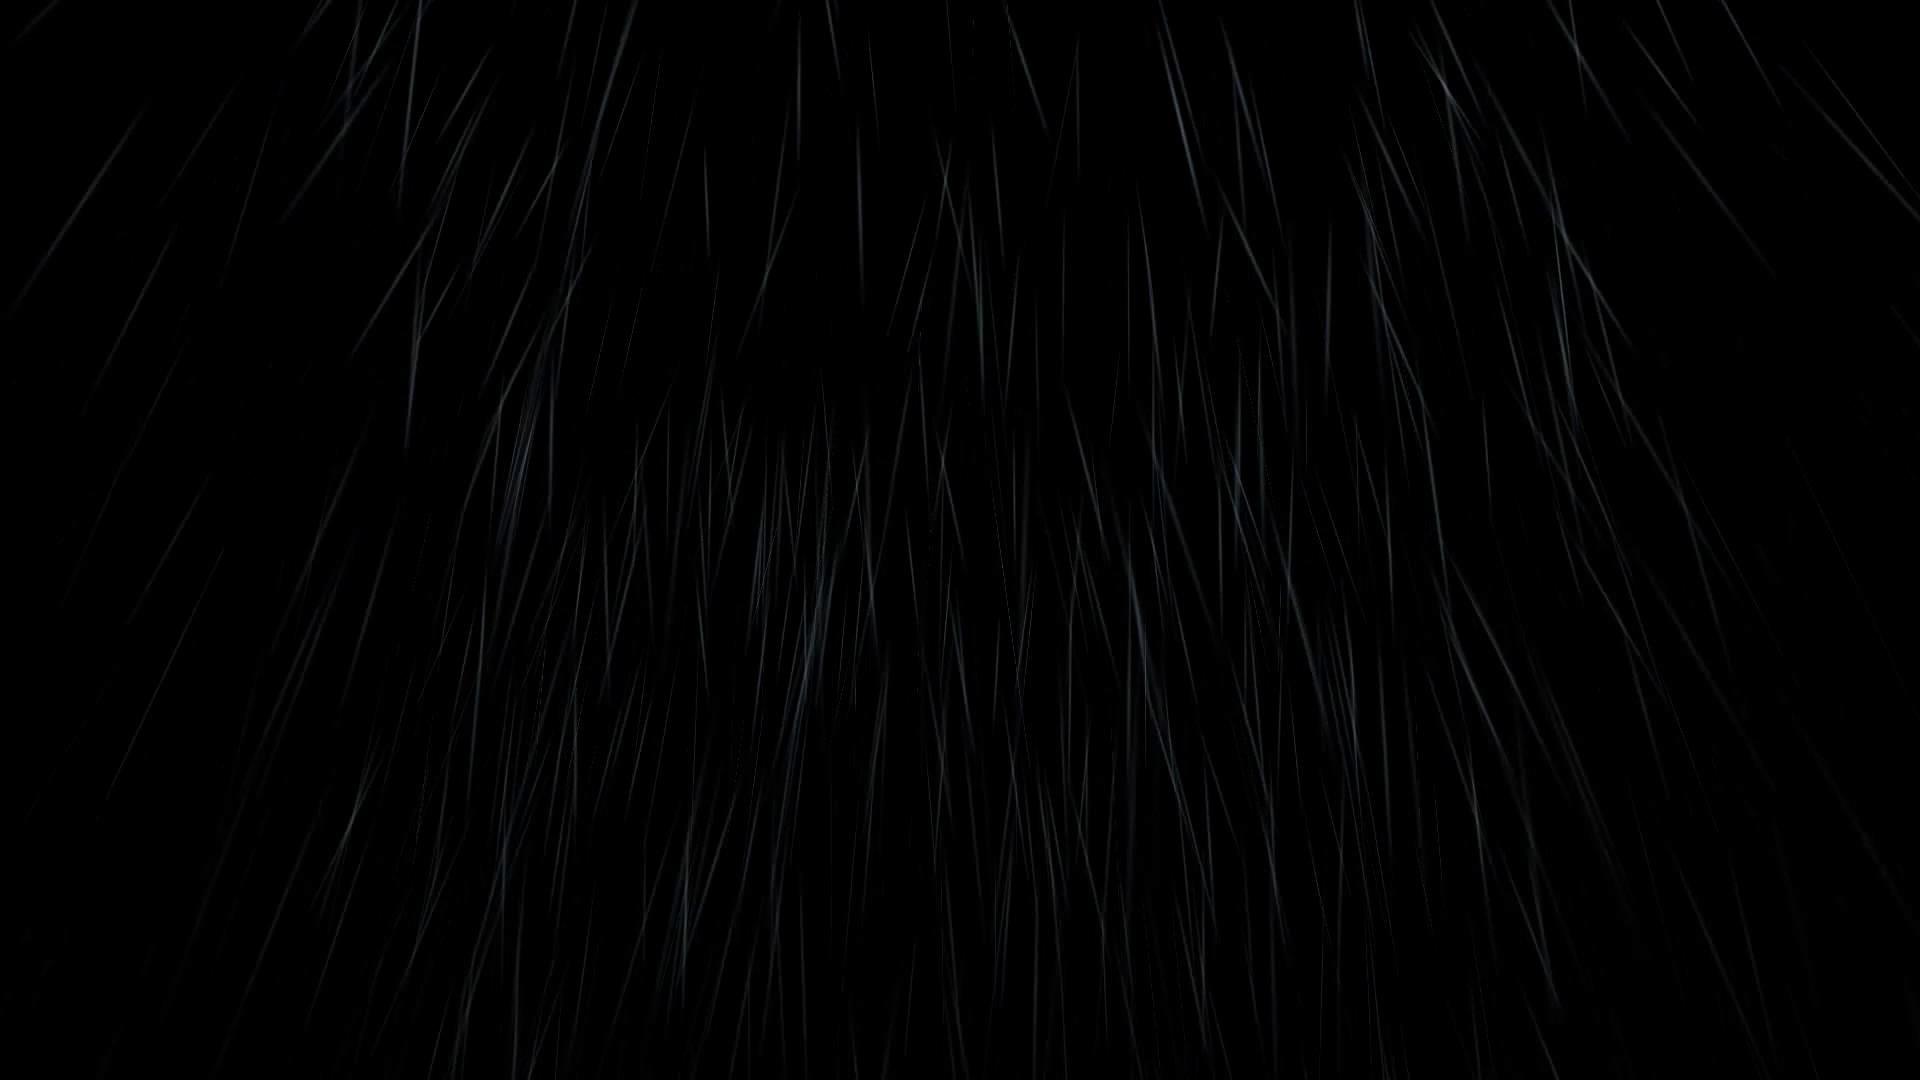 70 Black Screen